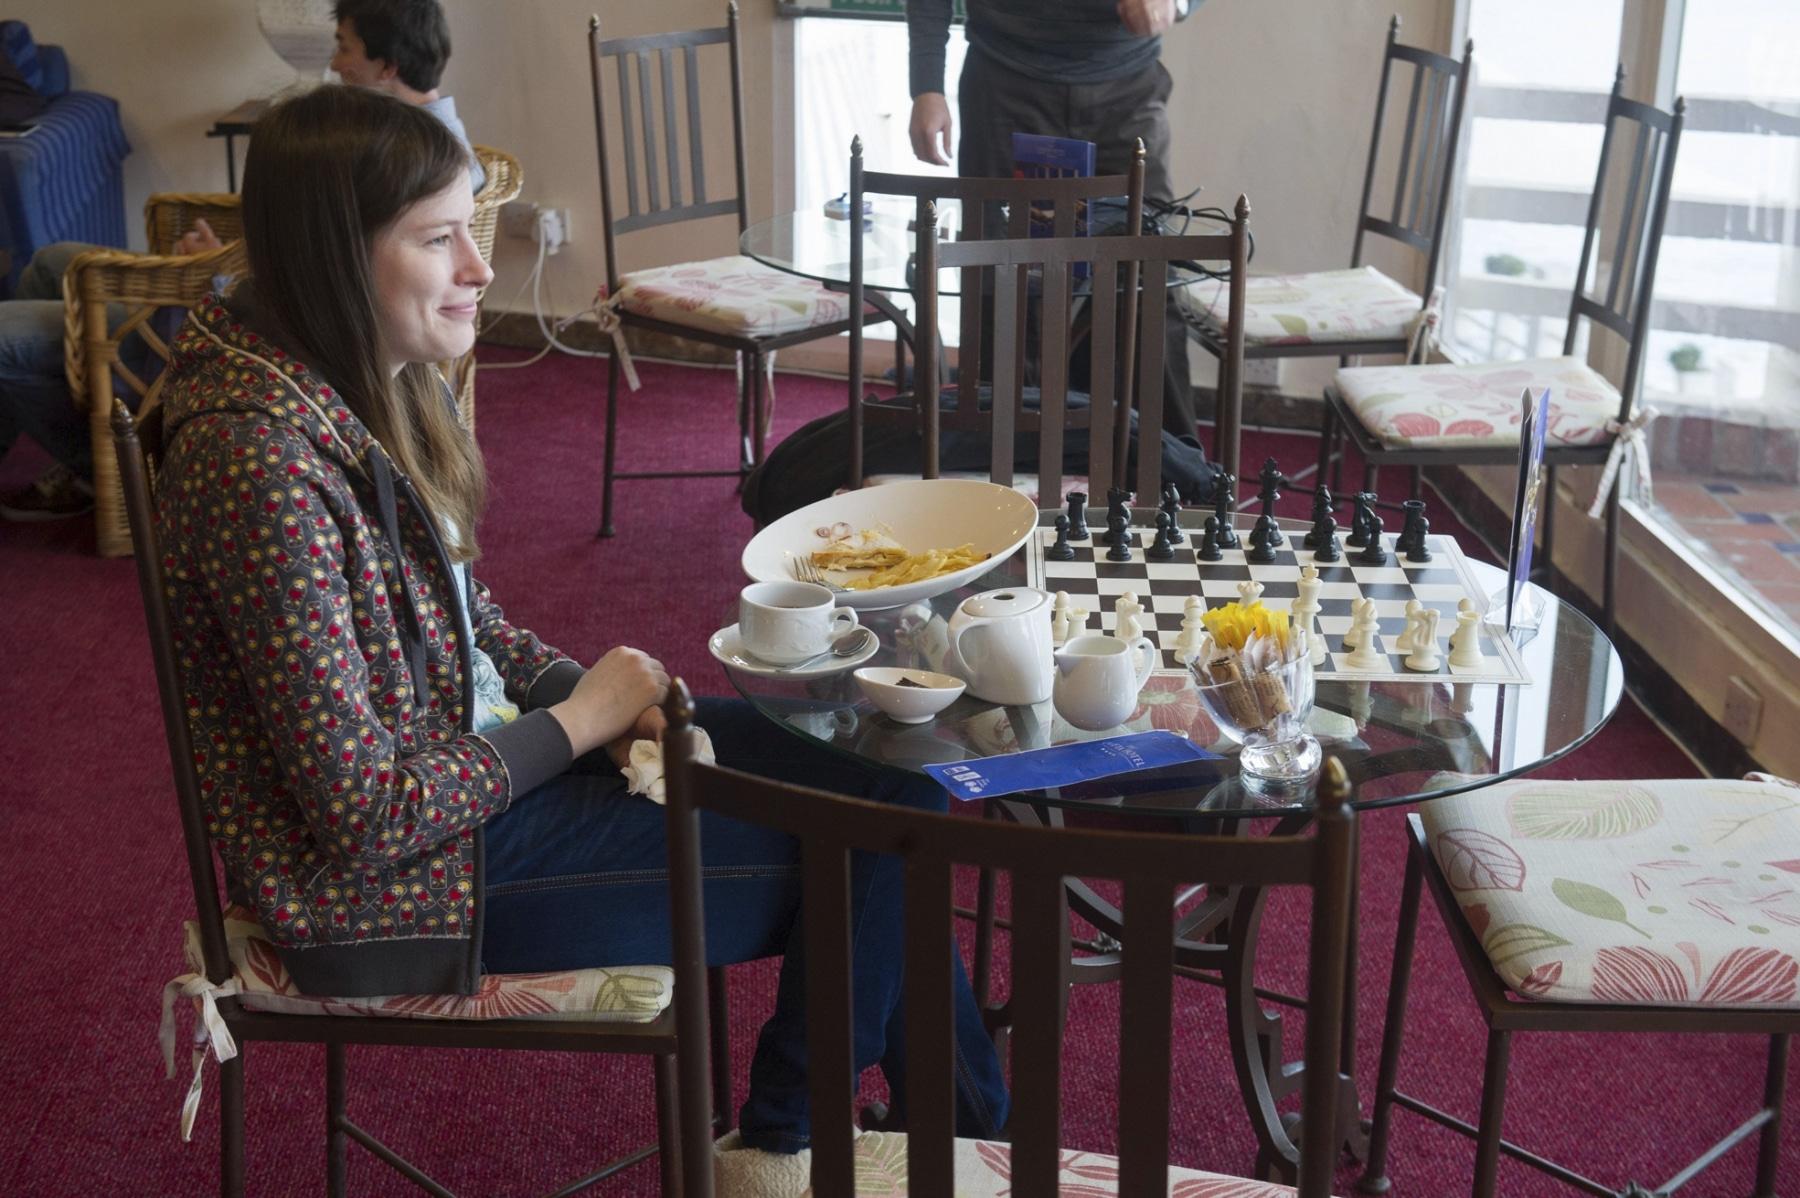 tradewise-chess-festival-entrevistas-y-ambiente23_12249487484_o